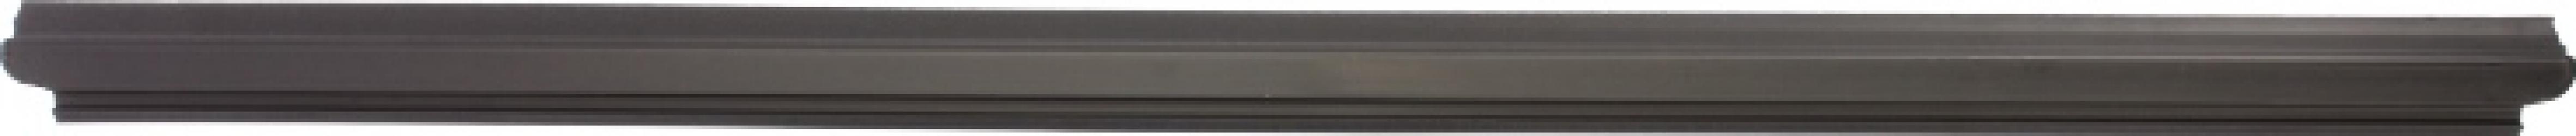 Cheder de exterior Sticla Usa stanga / dreapta SCANIA 4 144